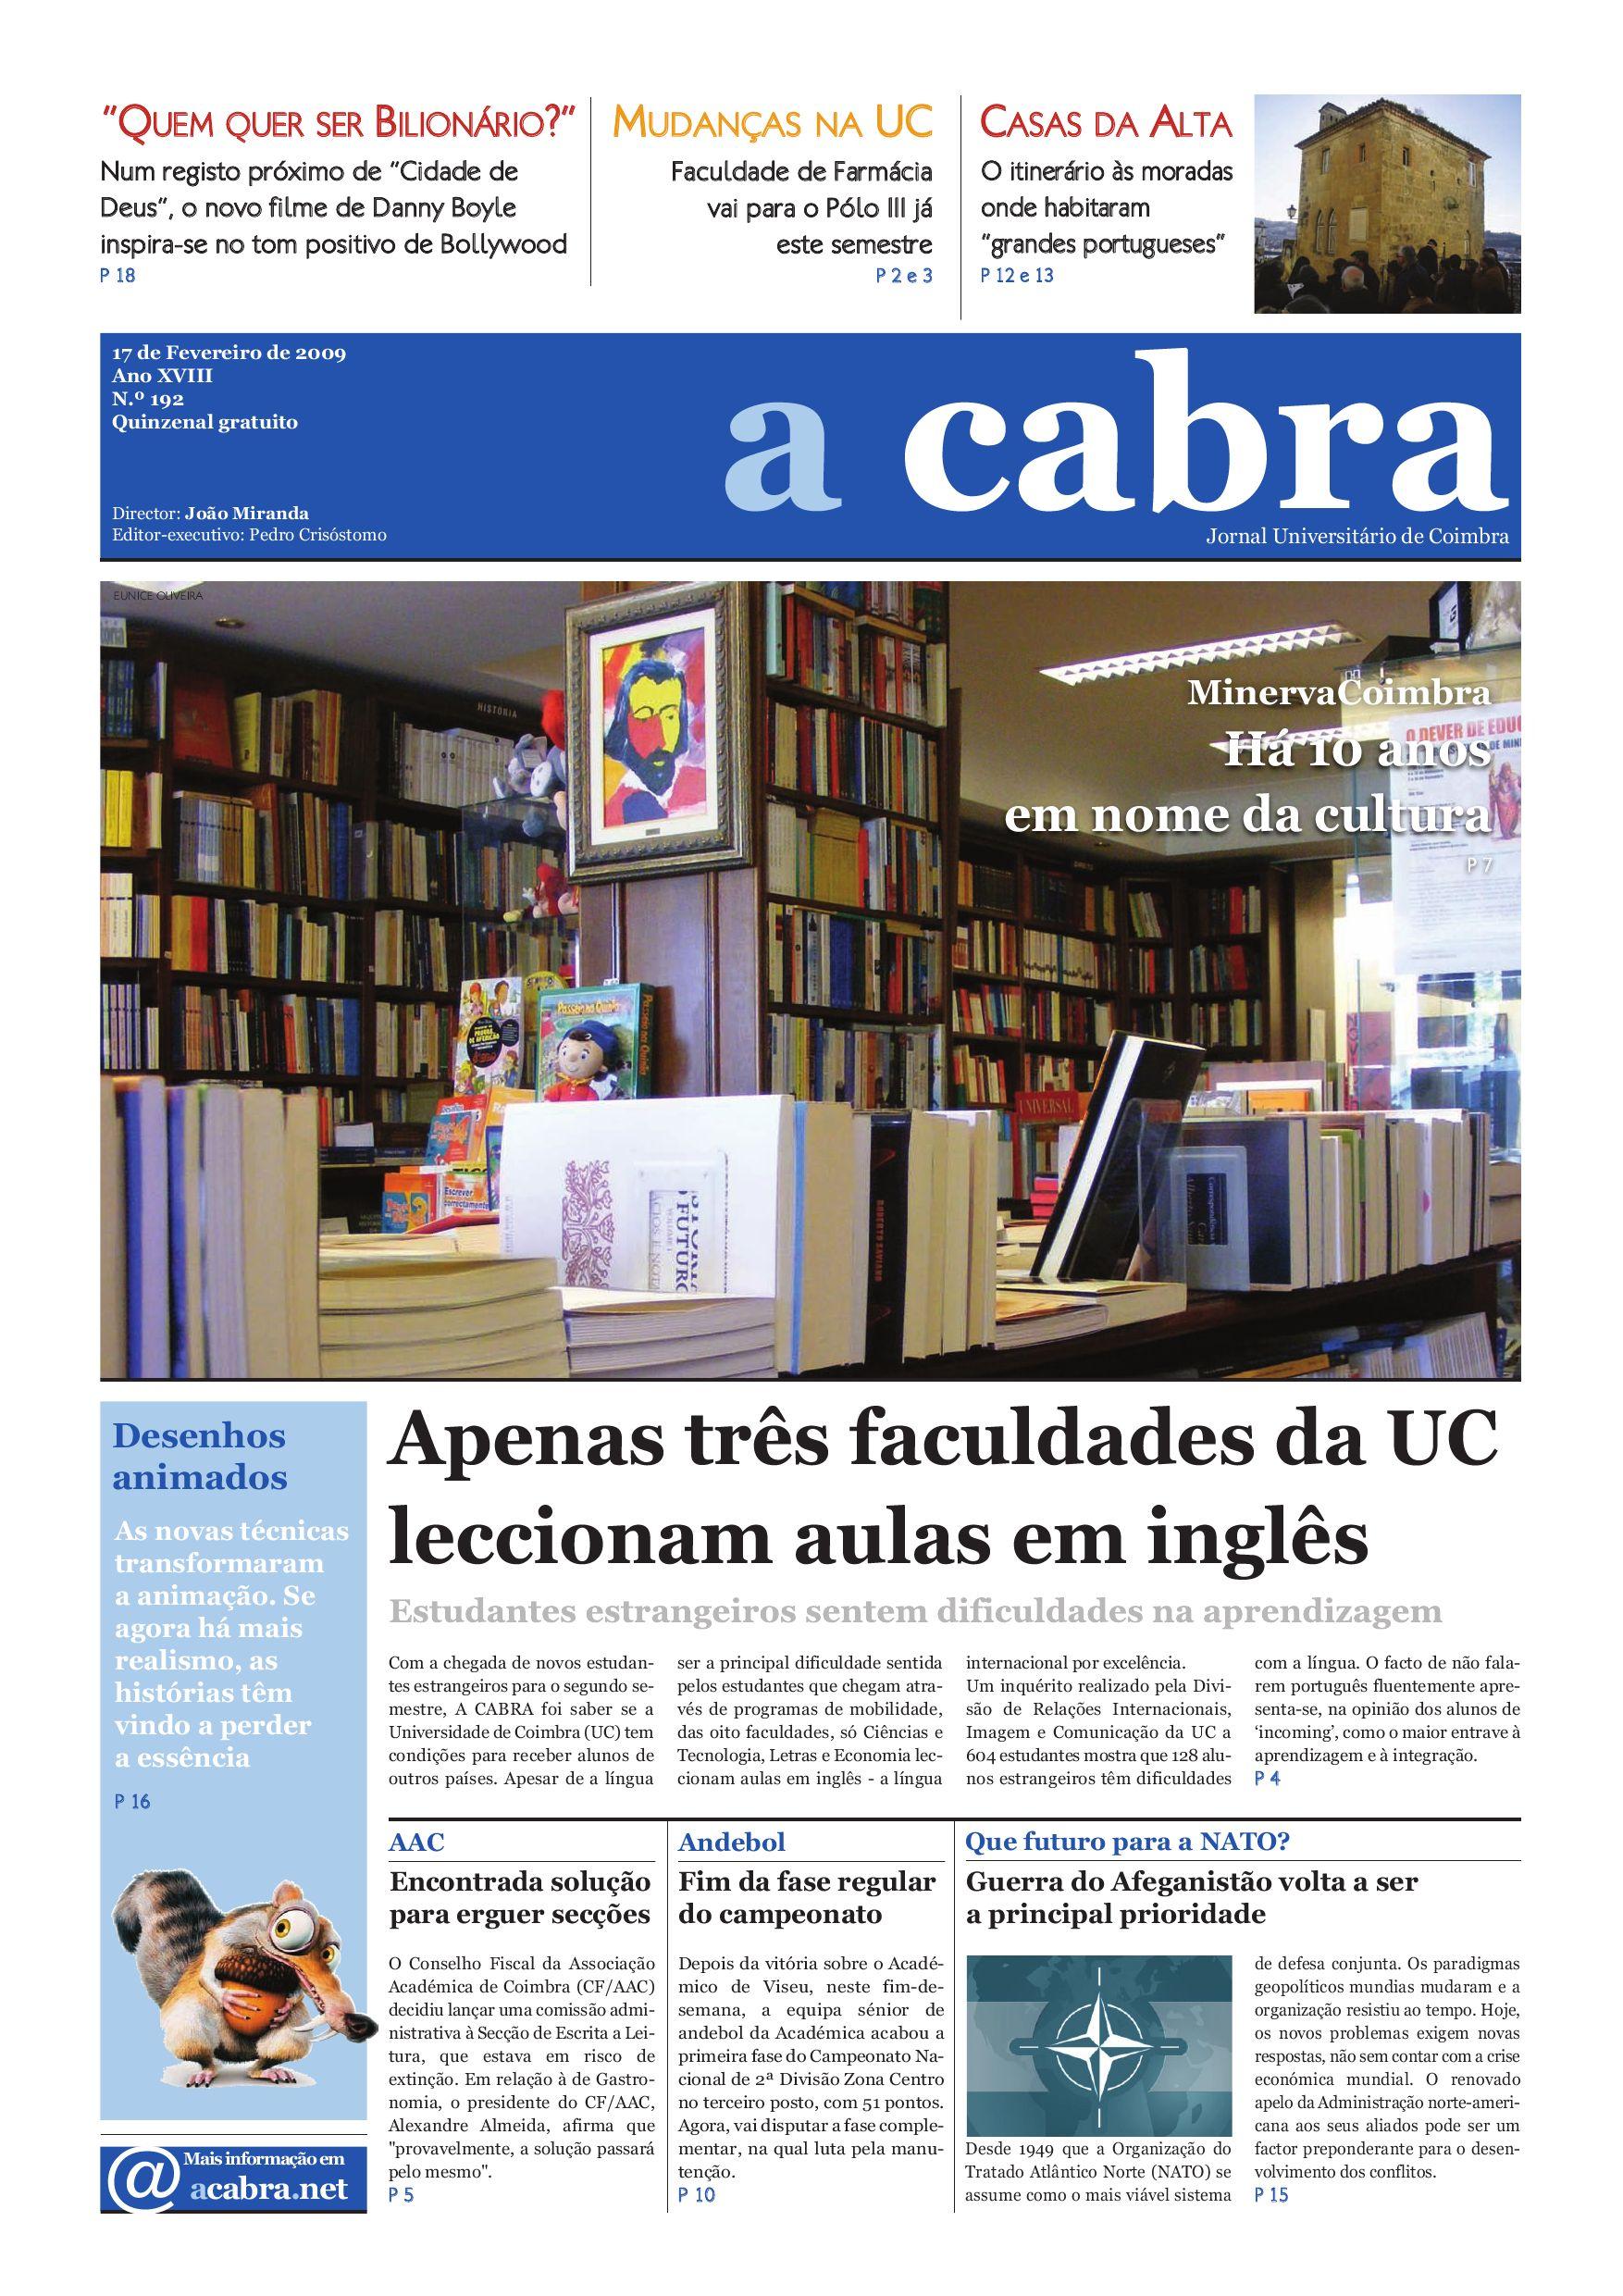 caf846924 Jornal Universitário de Coimbra - A CABRA - 192 by Jornal Universitário de  Coimbra A CABRA - issuu